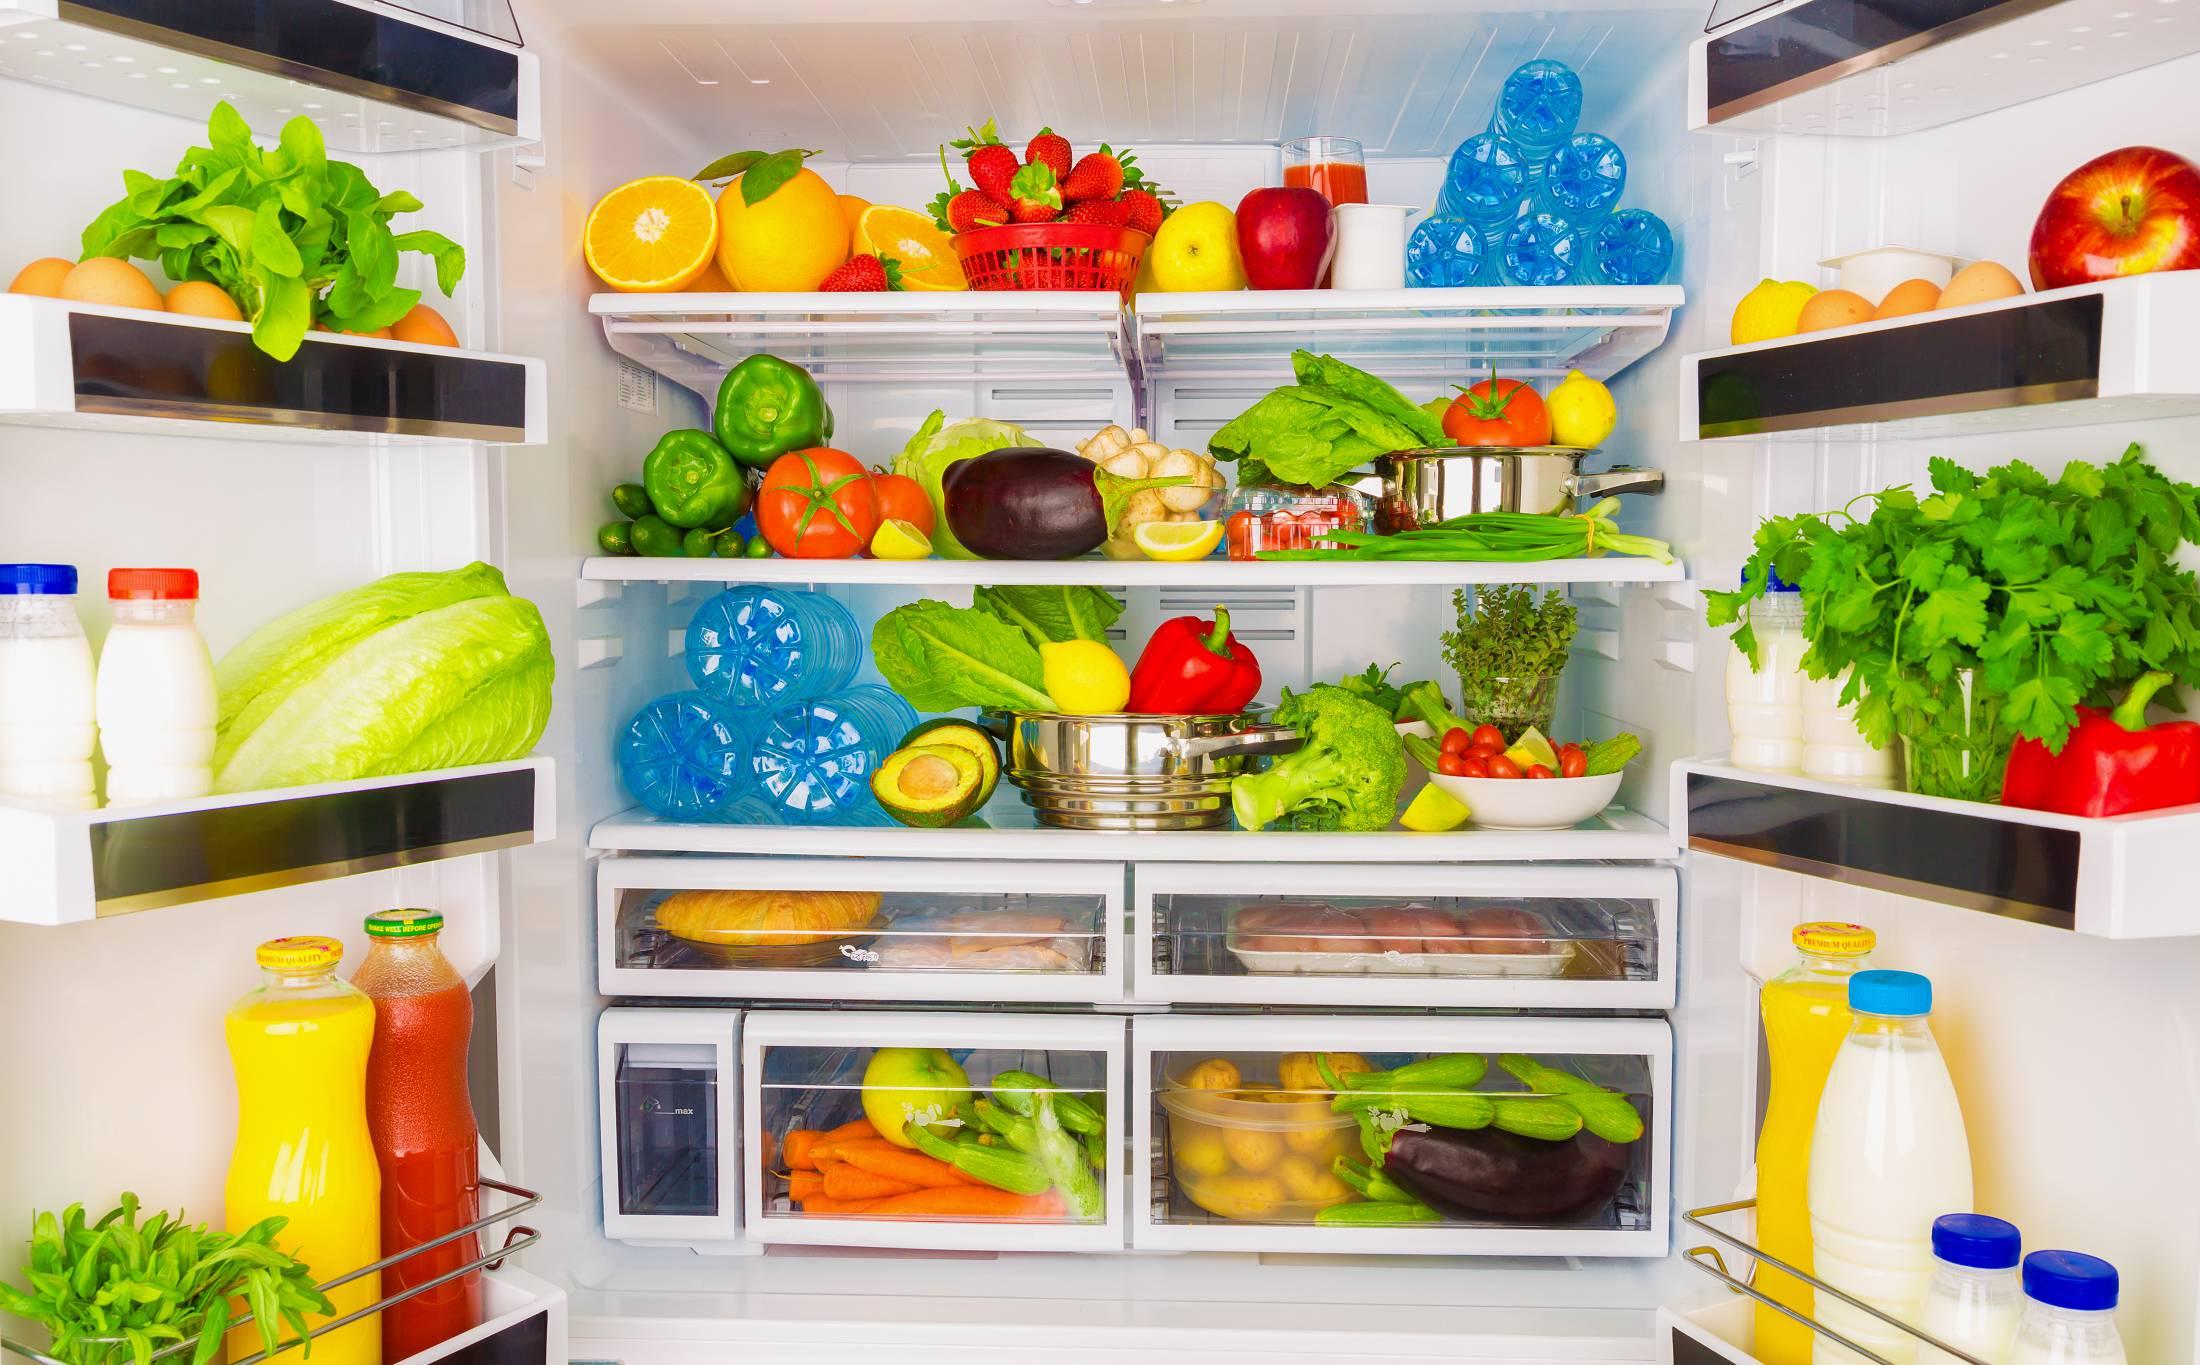 Alimenti In Frigo? Cosa Non Bisogna Mettere